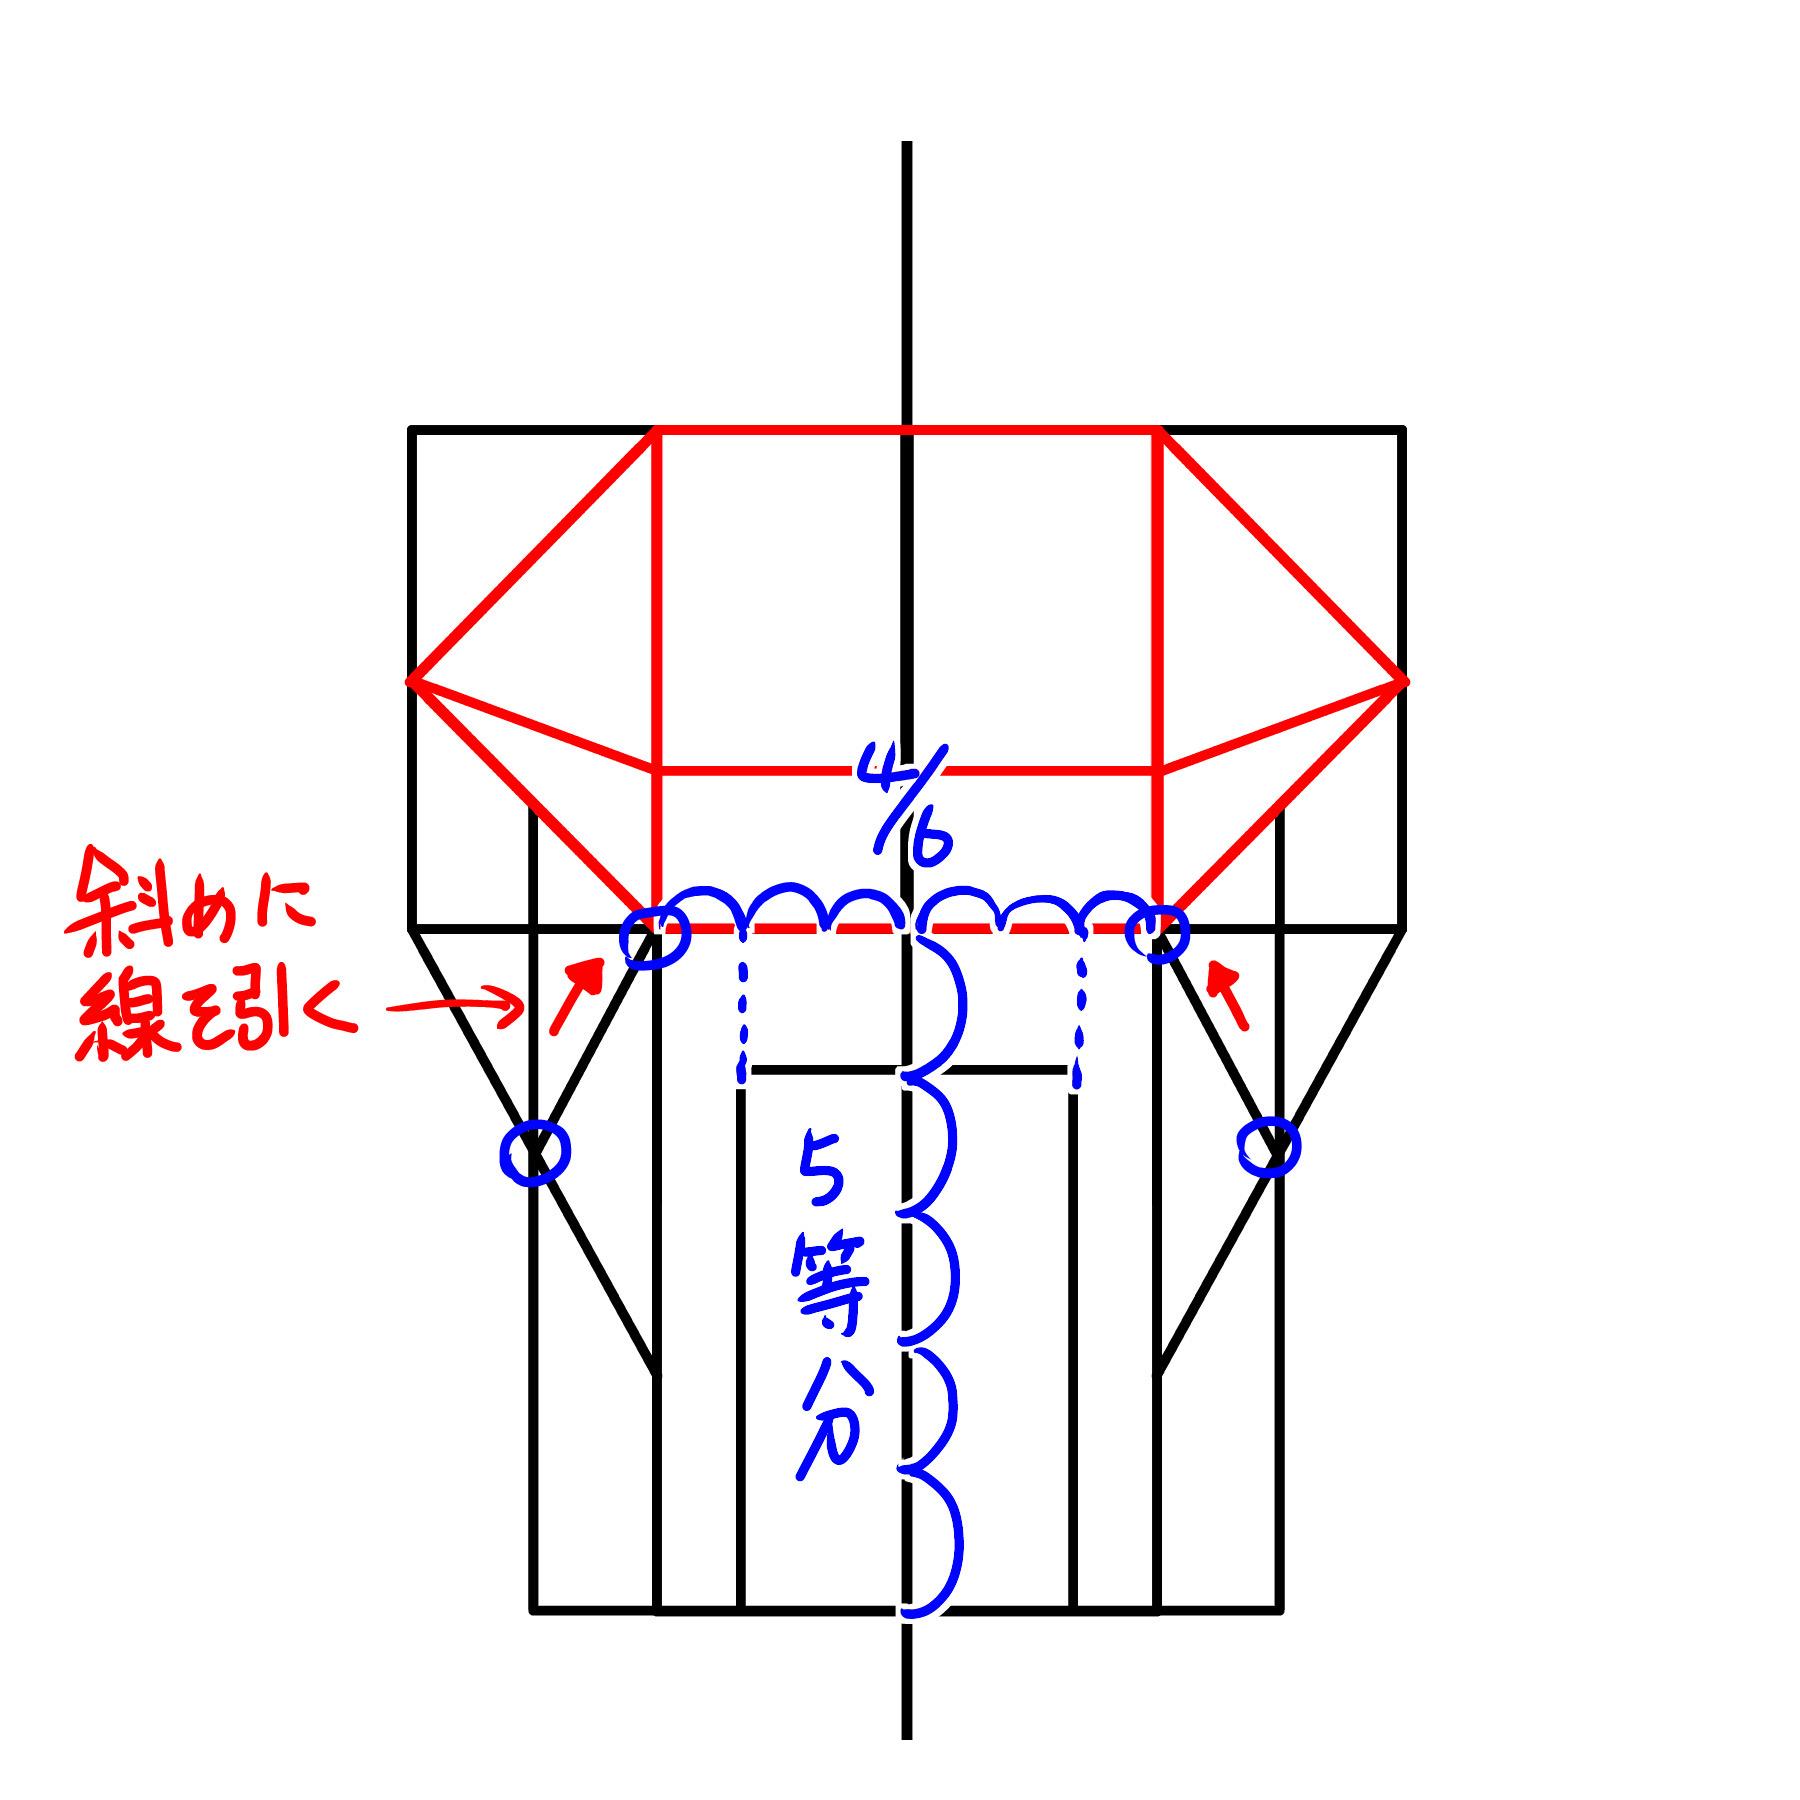 縦の長方形の内側に短辺の6分の4分になる長方形を長辺を5等分したところから描きます。 横の長方形の短辺から縦の長方形の3等分した点に引いた線と、横の長方形の長辺を4等分した辺の中心を通るように引いた線が交わる点から、横の長方形の長辺の4等分した点に線を引きます。